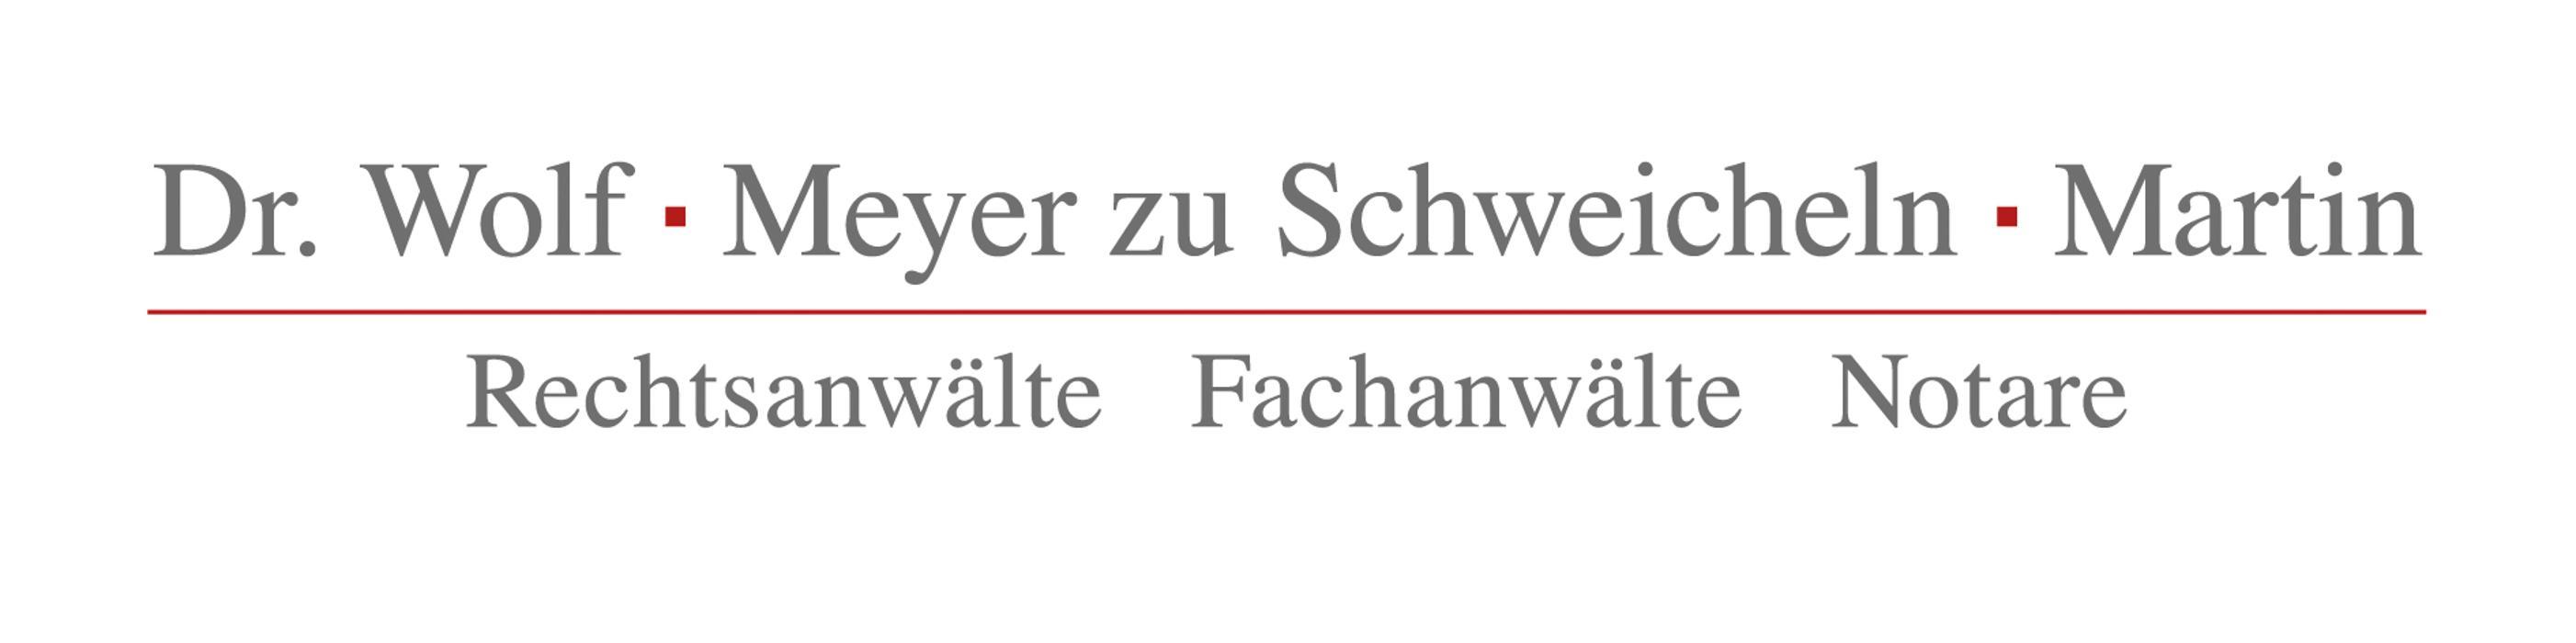 Bild zu Dr. Wolf, Meyer zu Schweicheln & Martin in Bad Oeynhausen